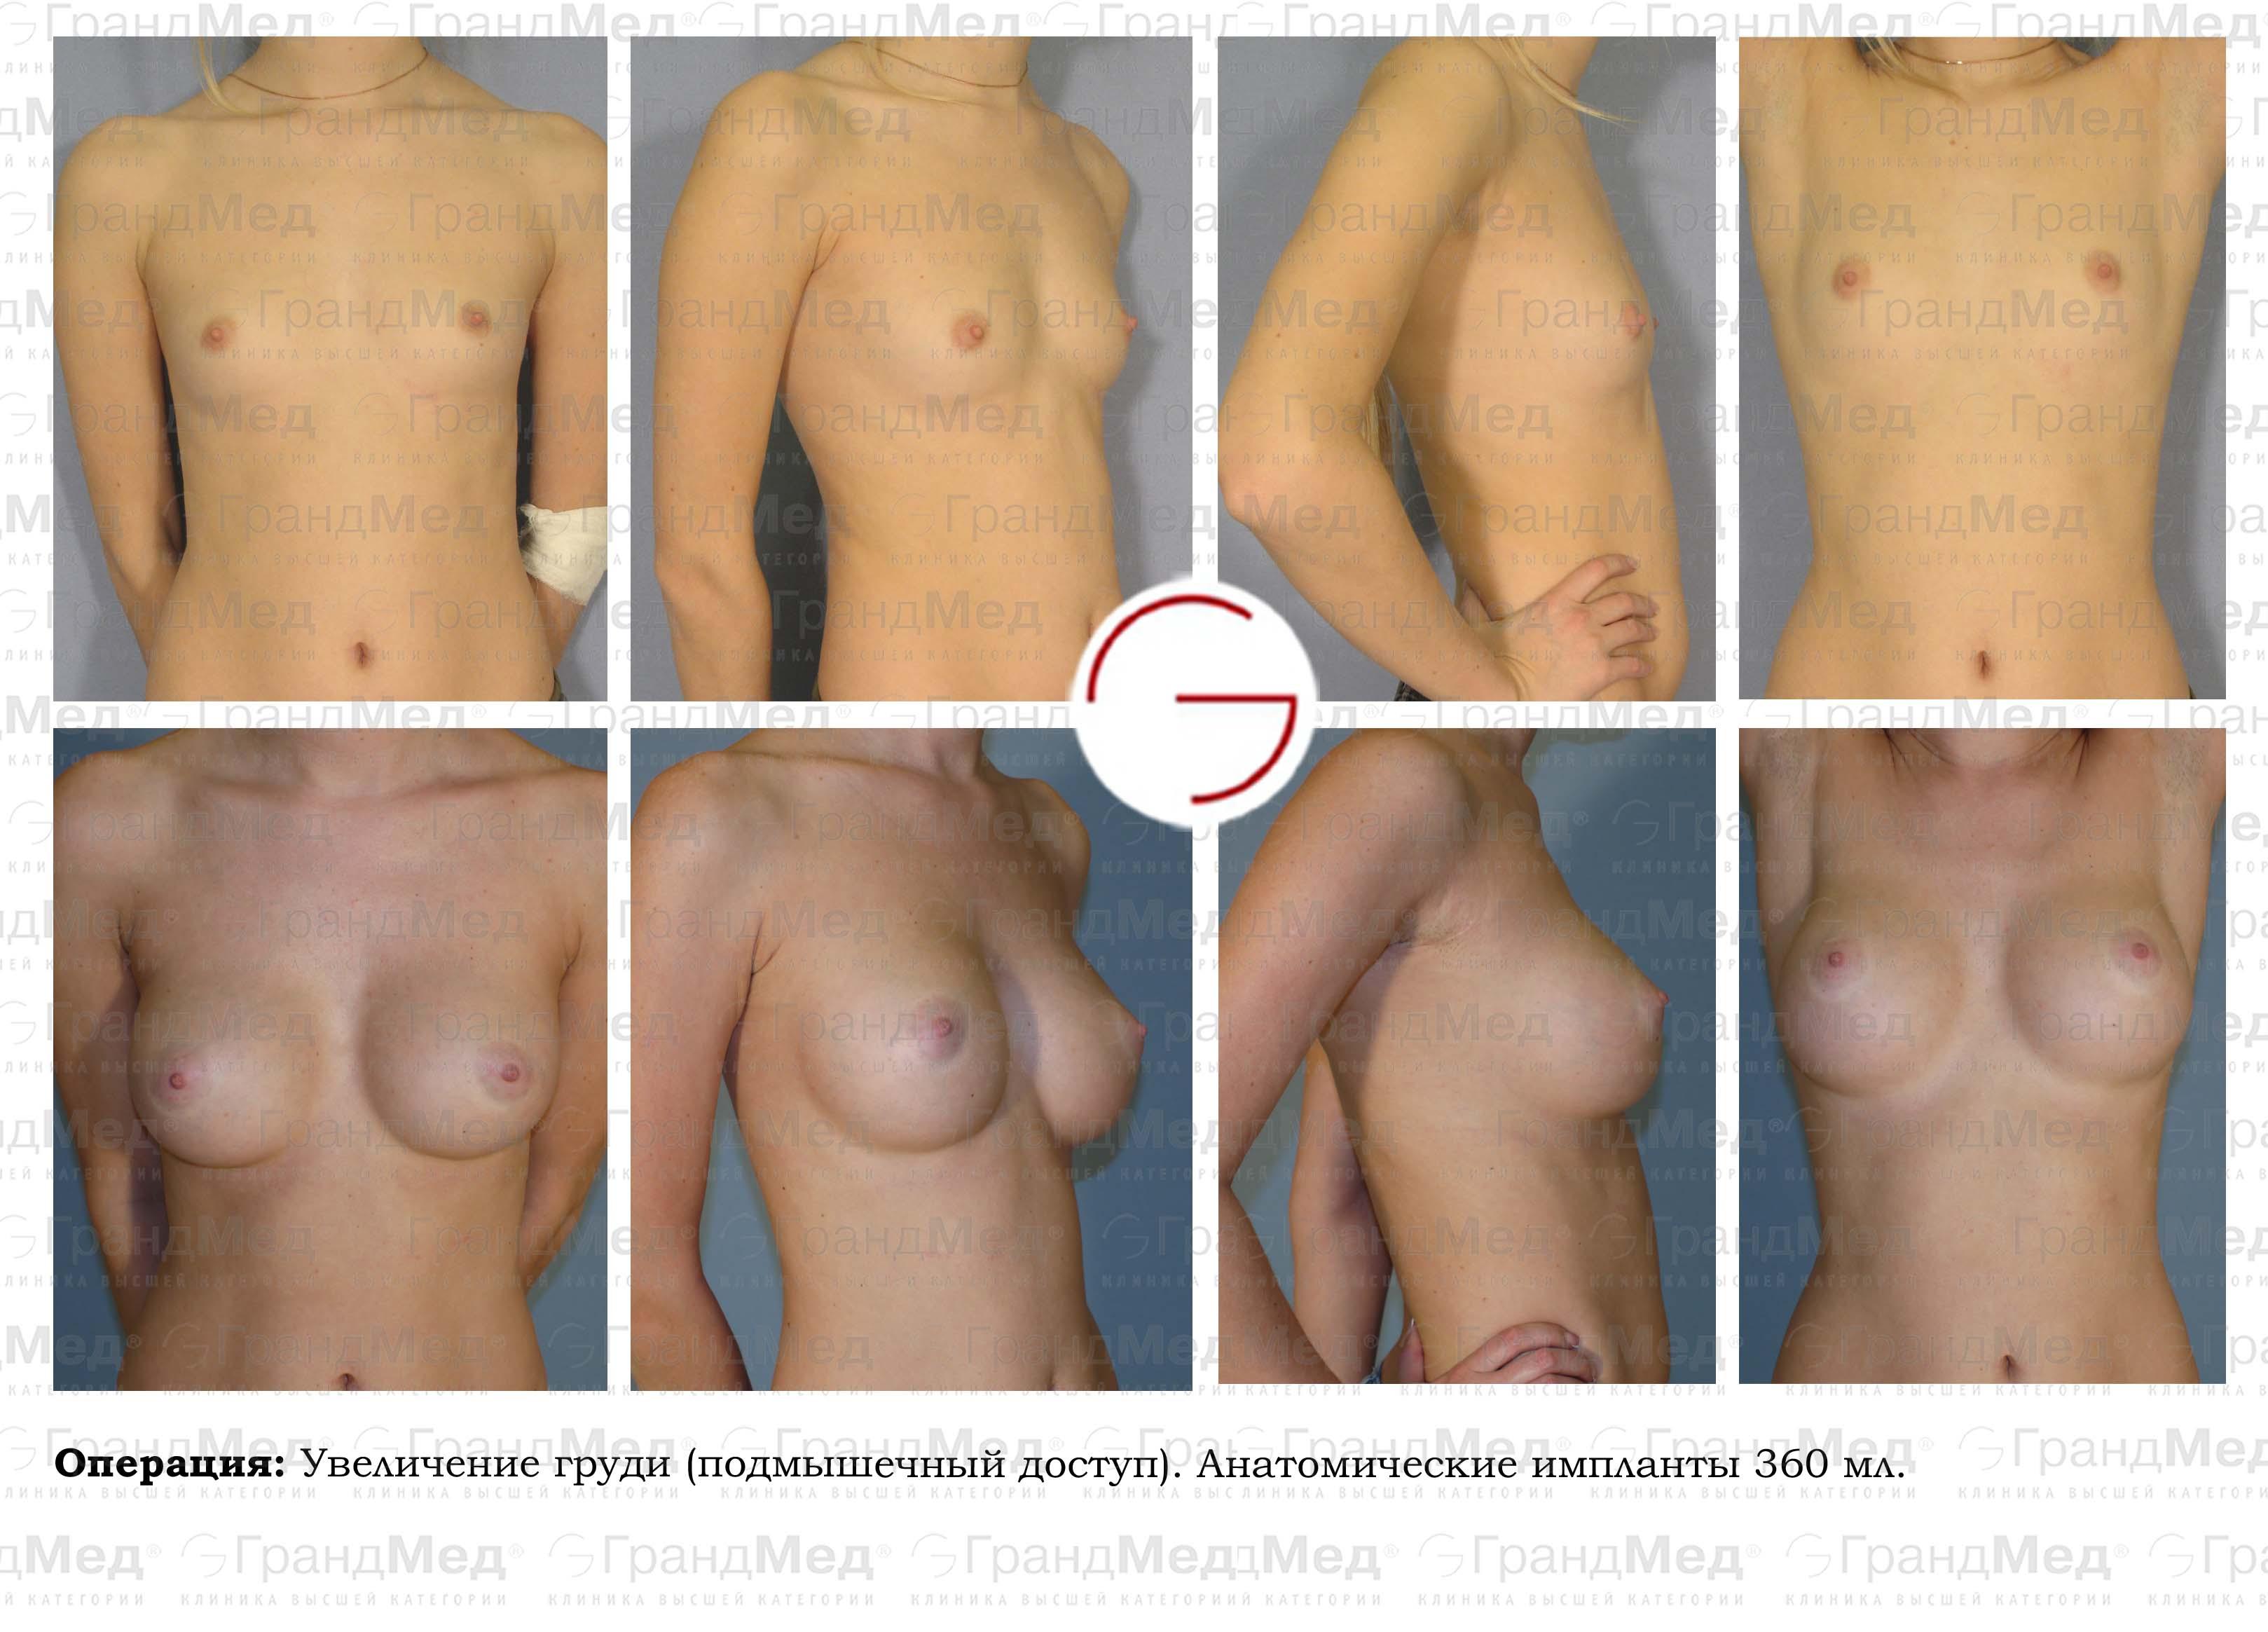 intimnaya-hirurgiya-uvelichenie-chlena